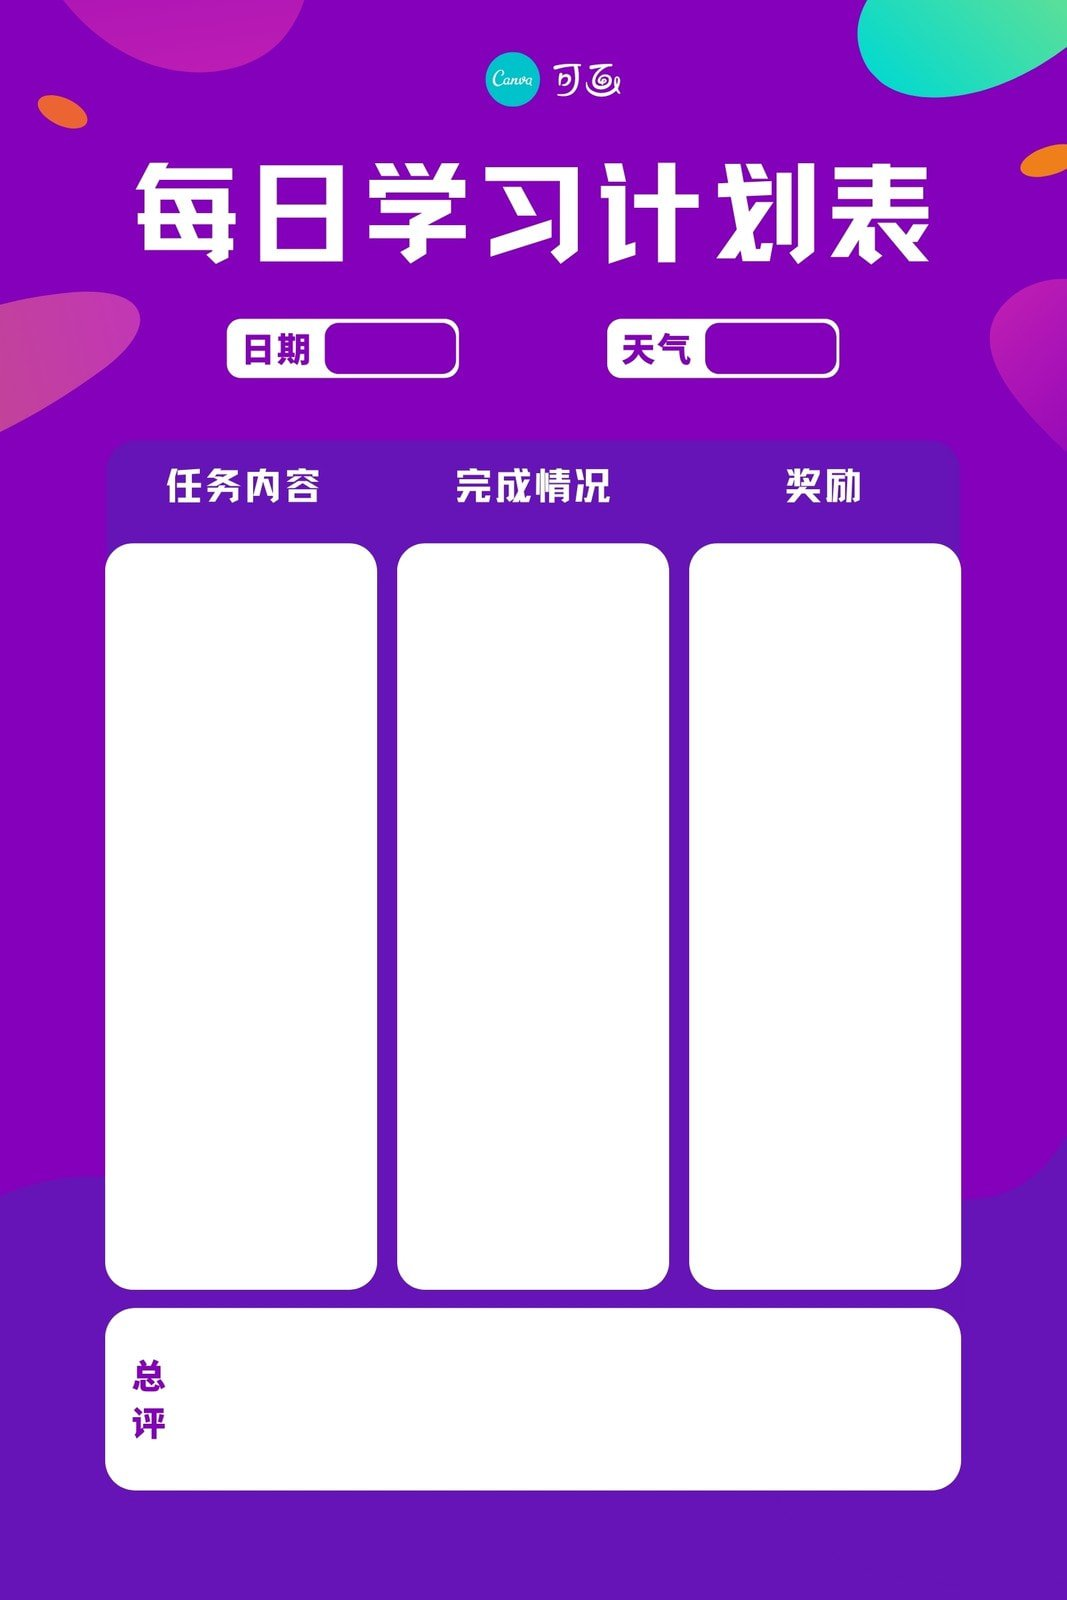 紫橙色矢量渐变不规则装饰图形矢量教育分享中文计划表